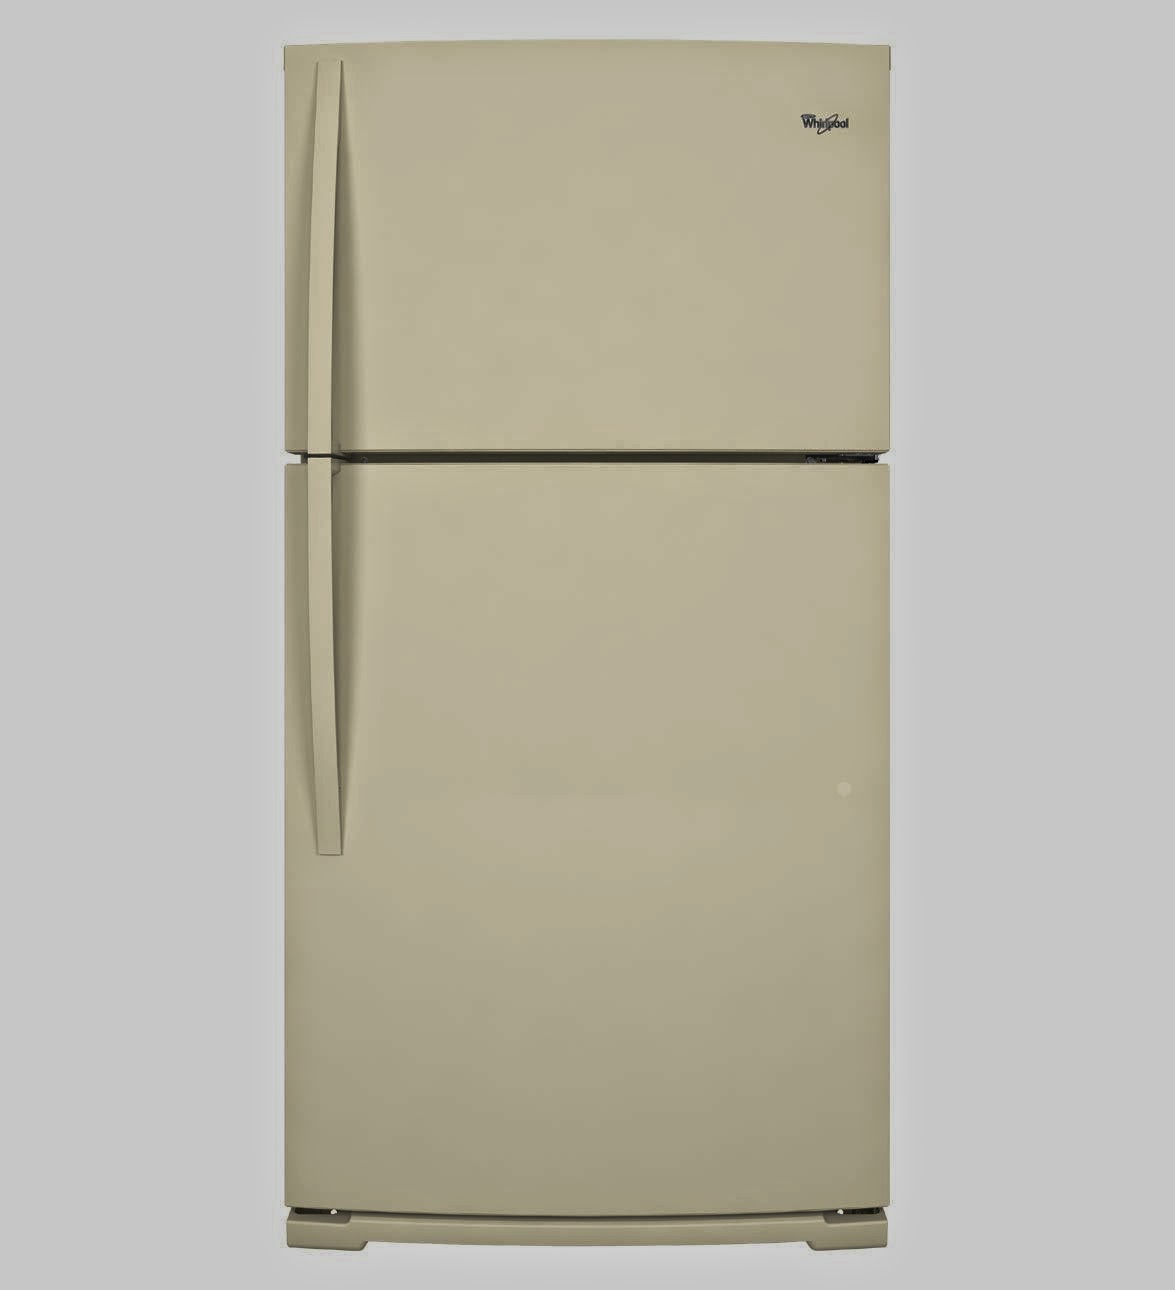 Whirlpool Refrigerators